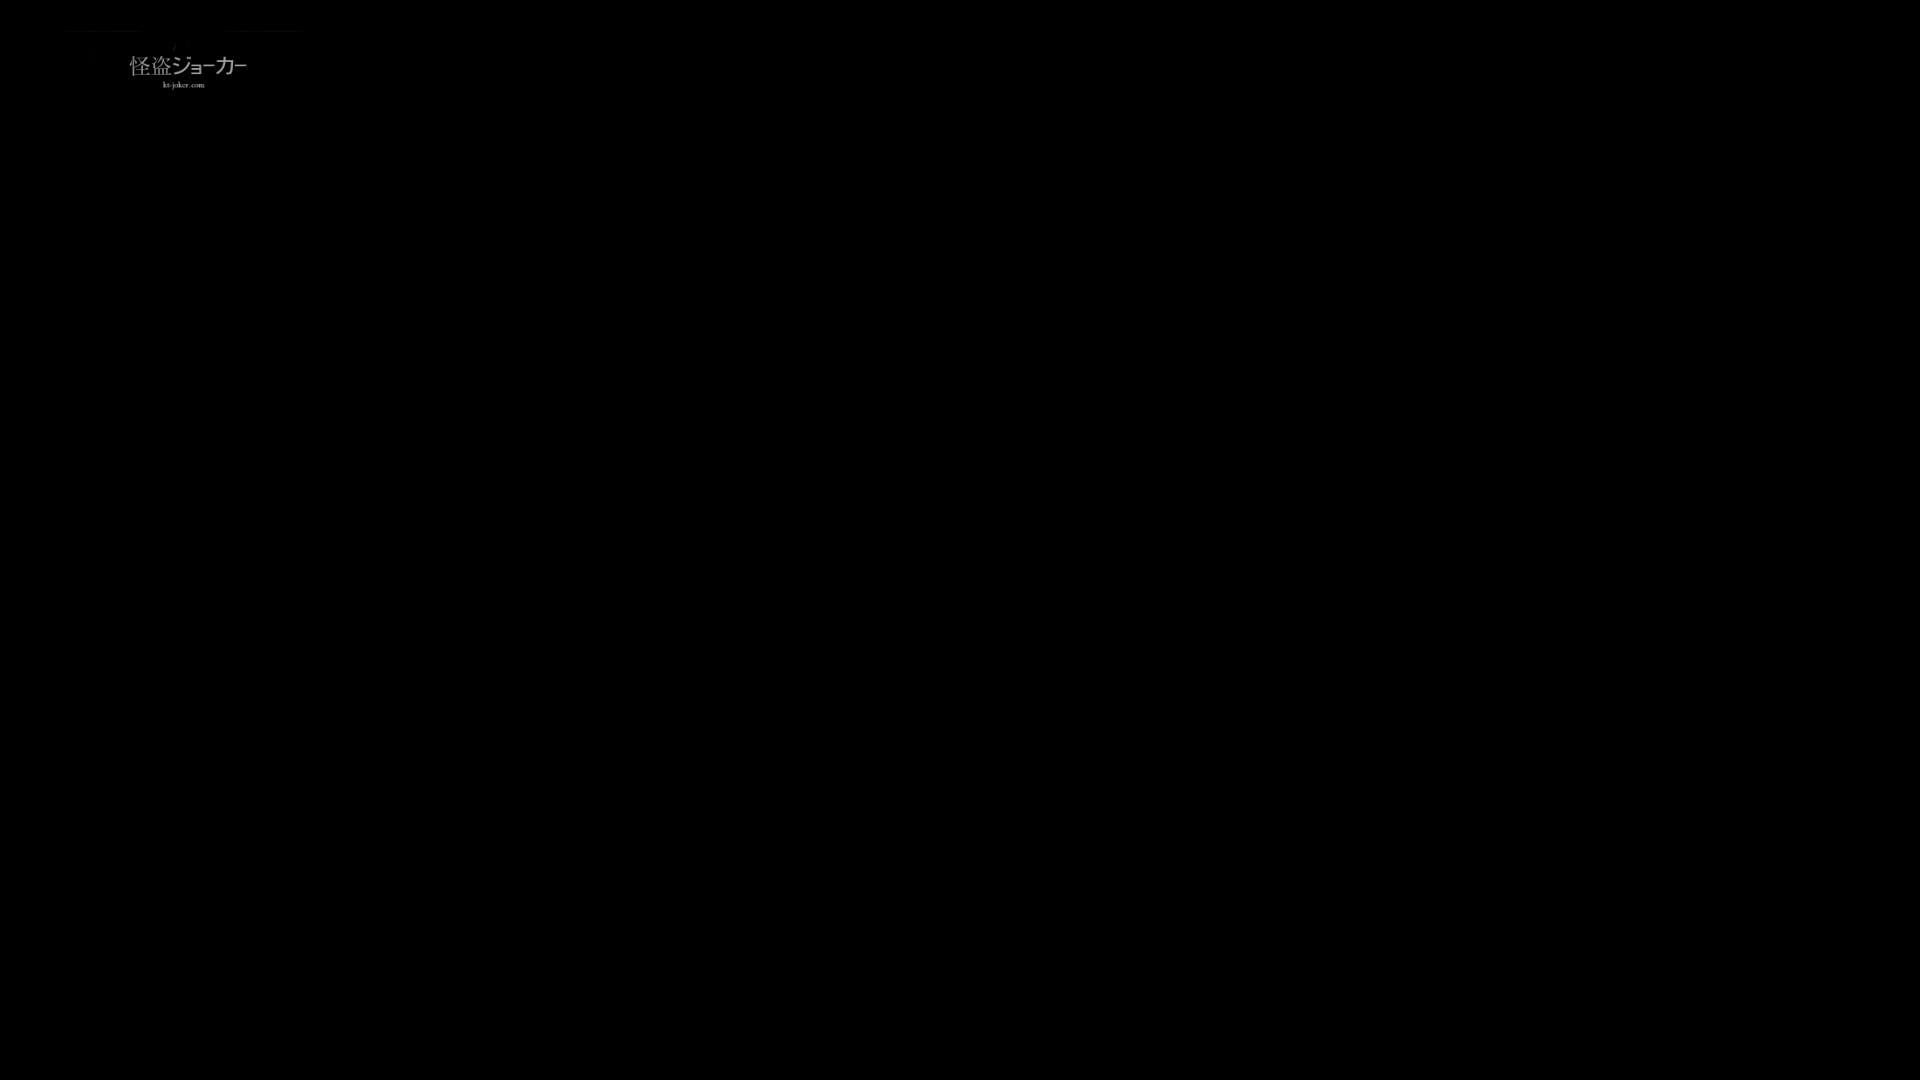 リアルインパクト盗撮~入浴編 Vol.01 お姉さんのボディ | 入浴中の女性  54PIX